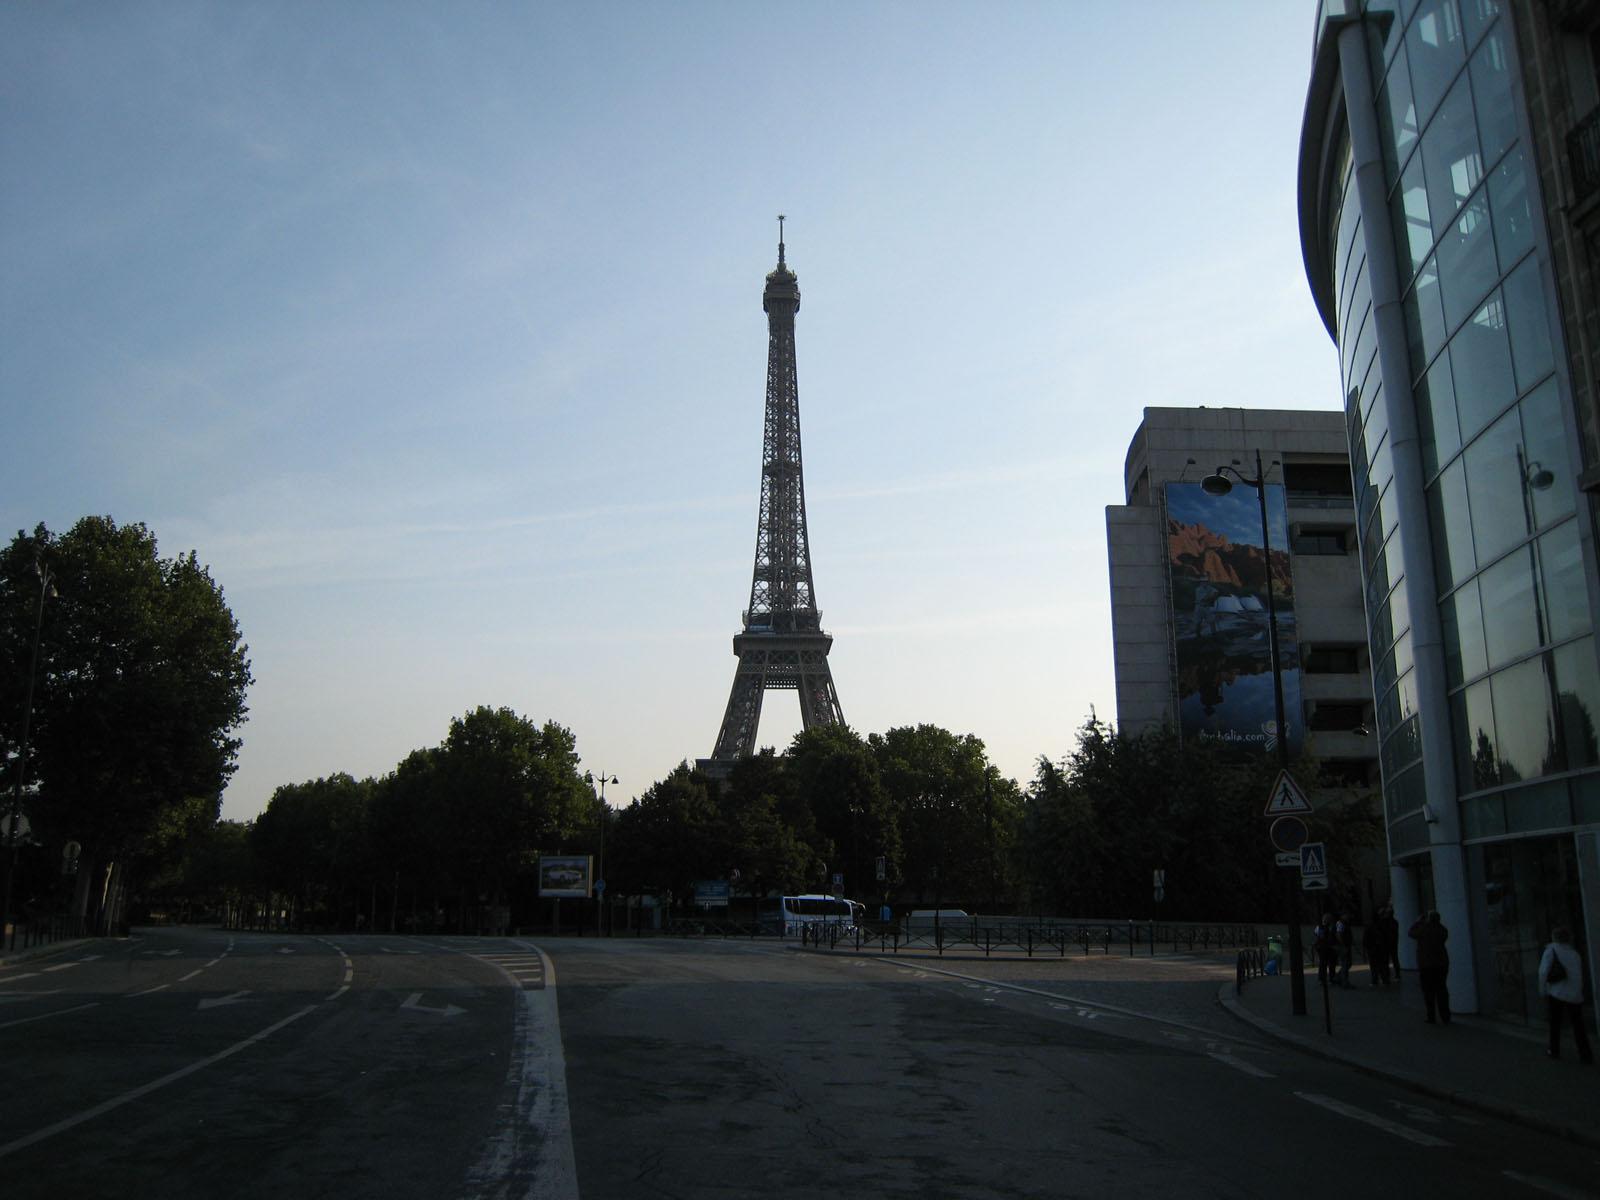 http://3.bp.blogspot.com/-Ue1RLnu4bEY/Tr-CBj7adII/AAAAAAAAQGY/fymkQE6wQnI/s1600/094+Paris+-+Tour+Eiffel.jpg